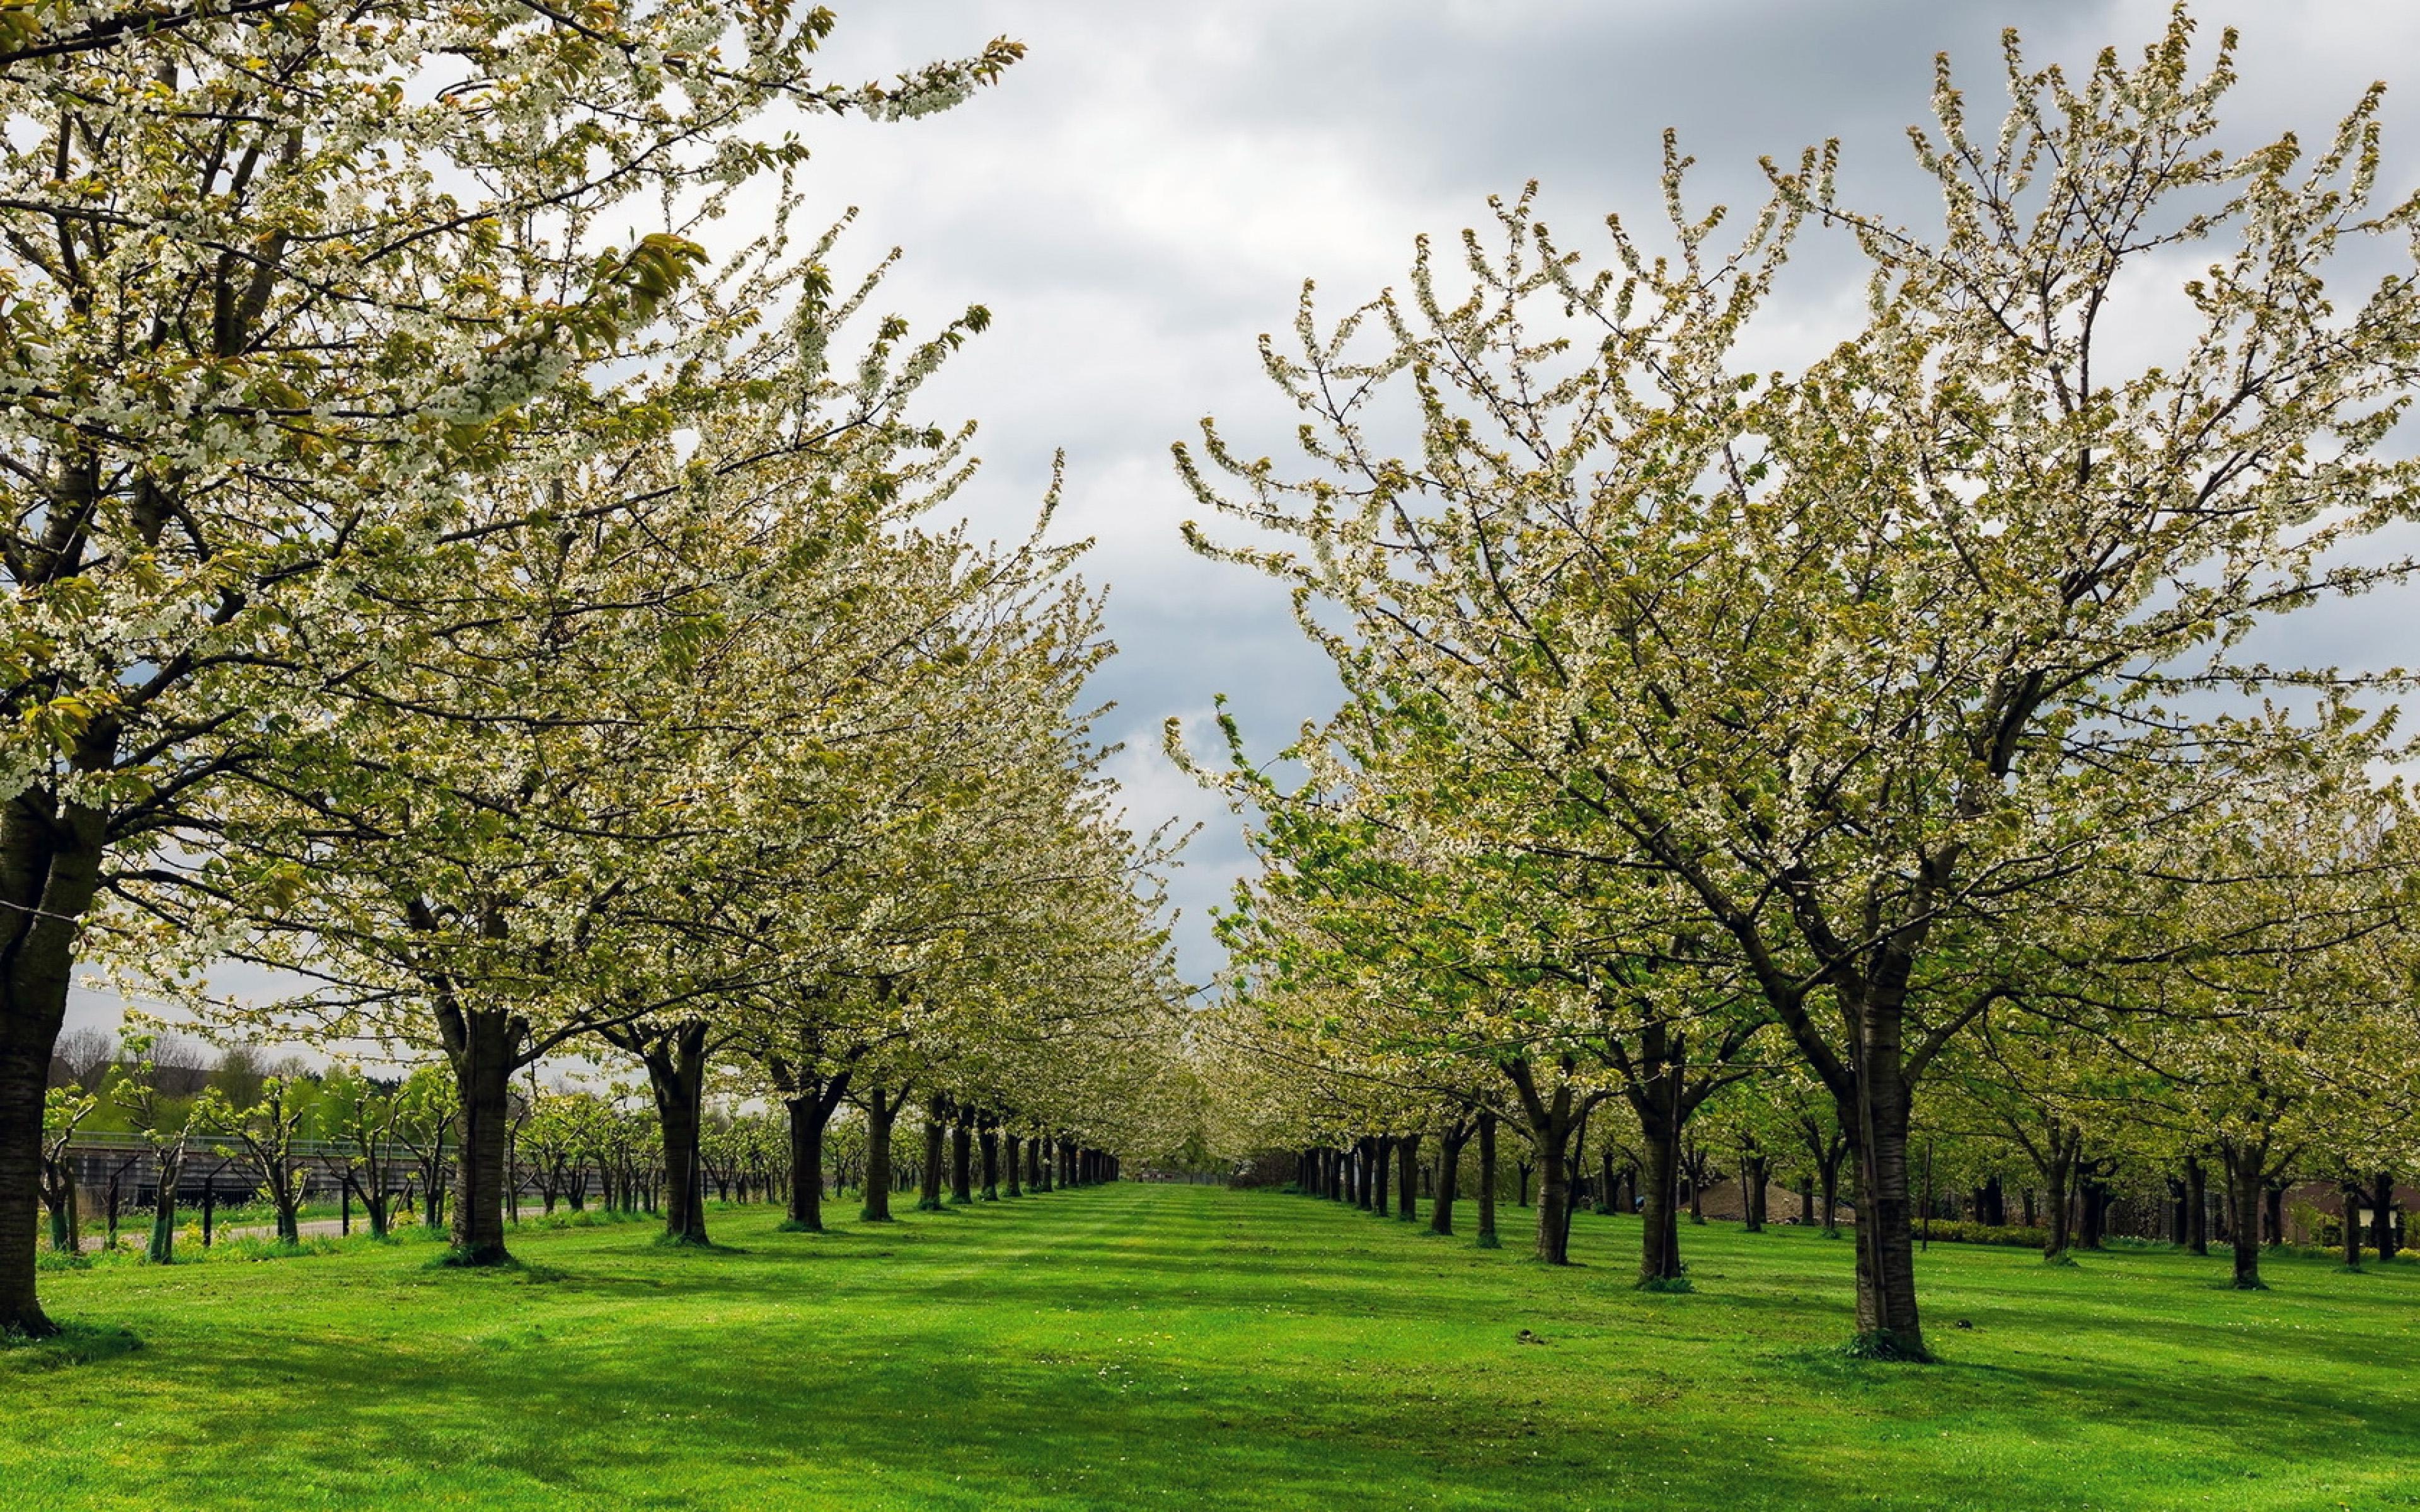 цветущий грушевый сад, природа, заставки на рабочий стол весна большие, 3840 на 2400 пикселей